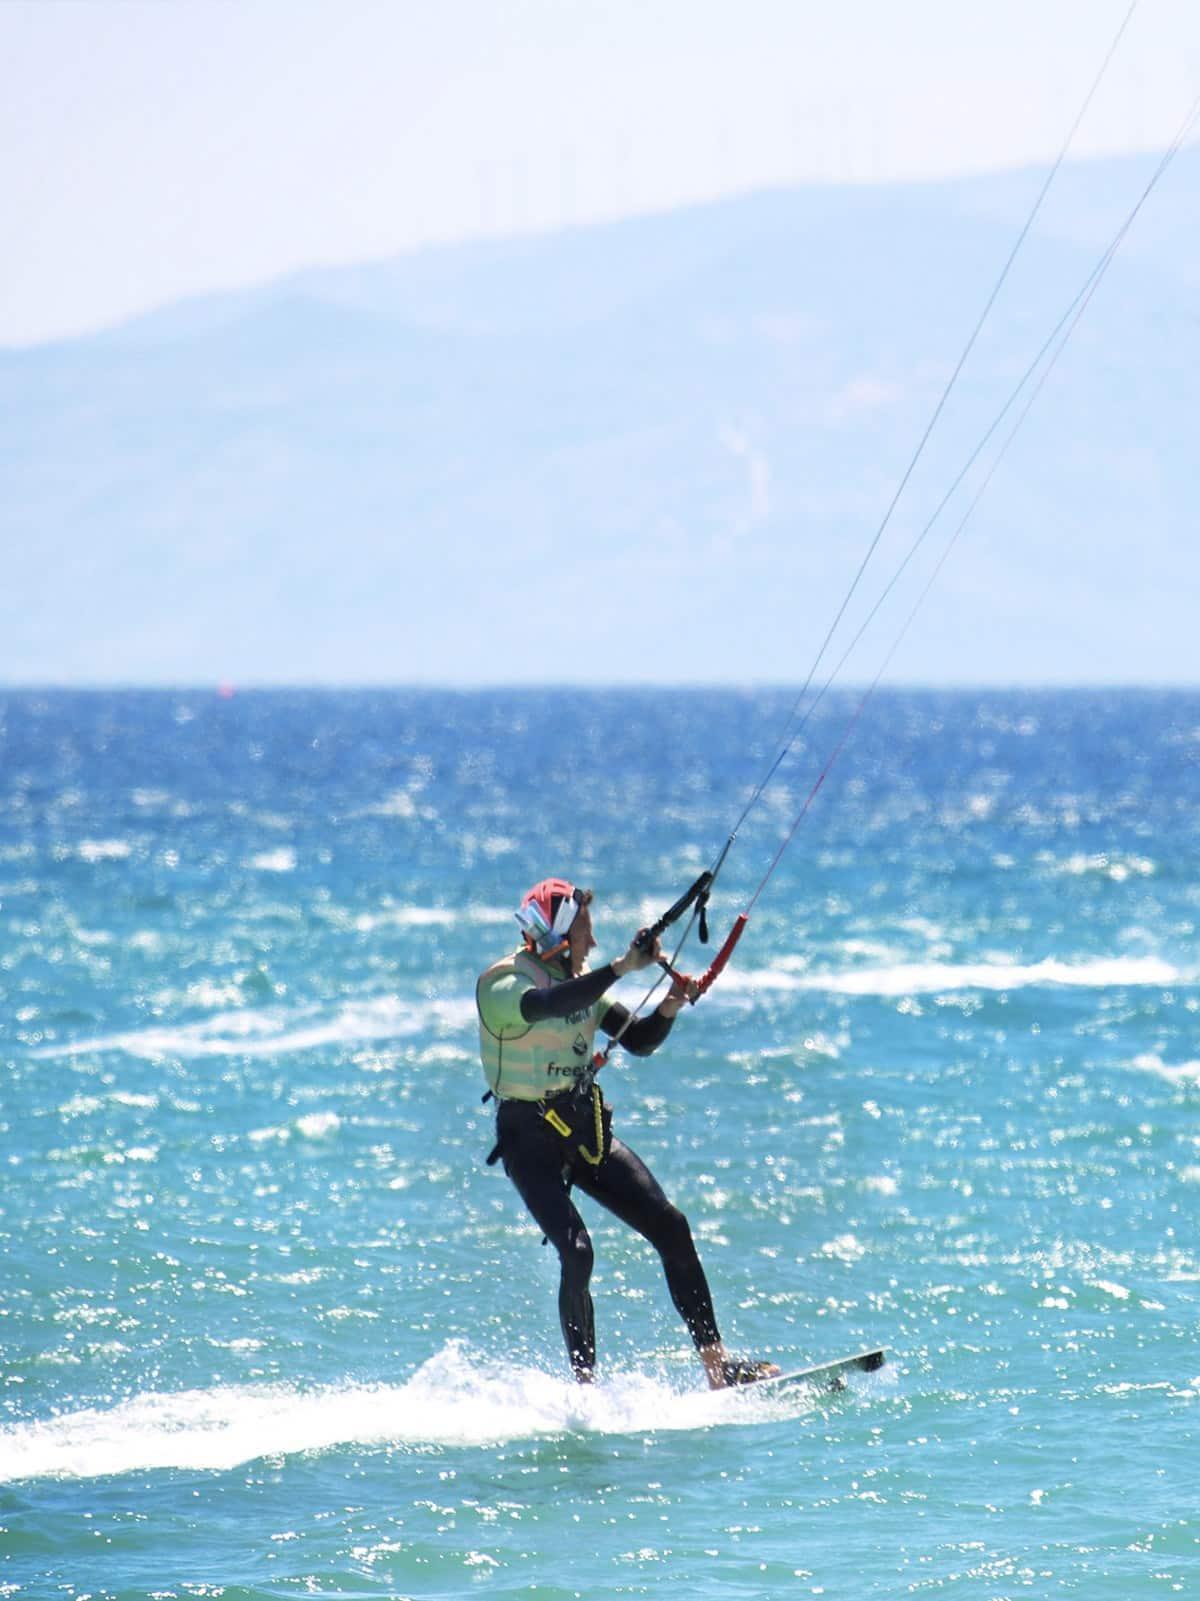 Apprenez a rider en kitesurf a Tarifa